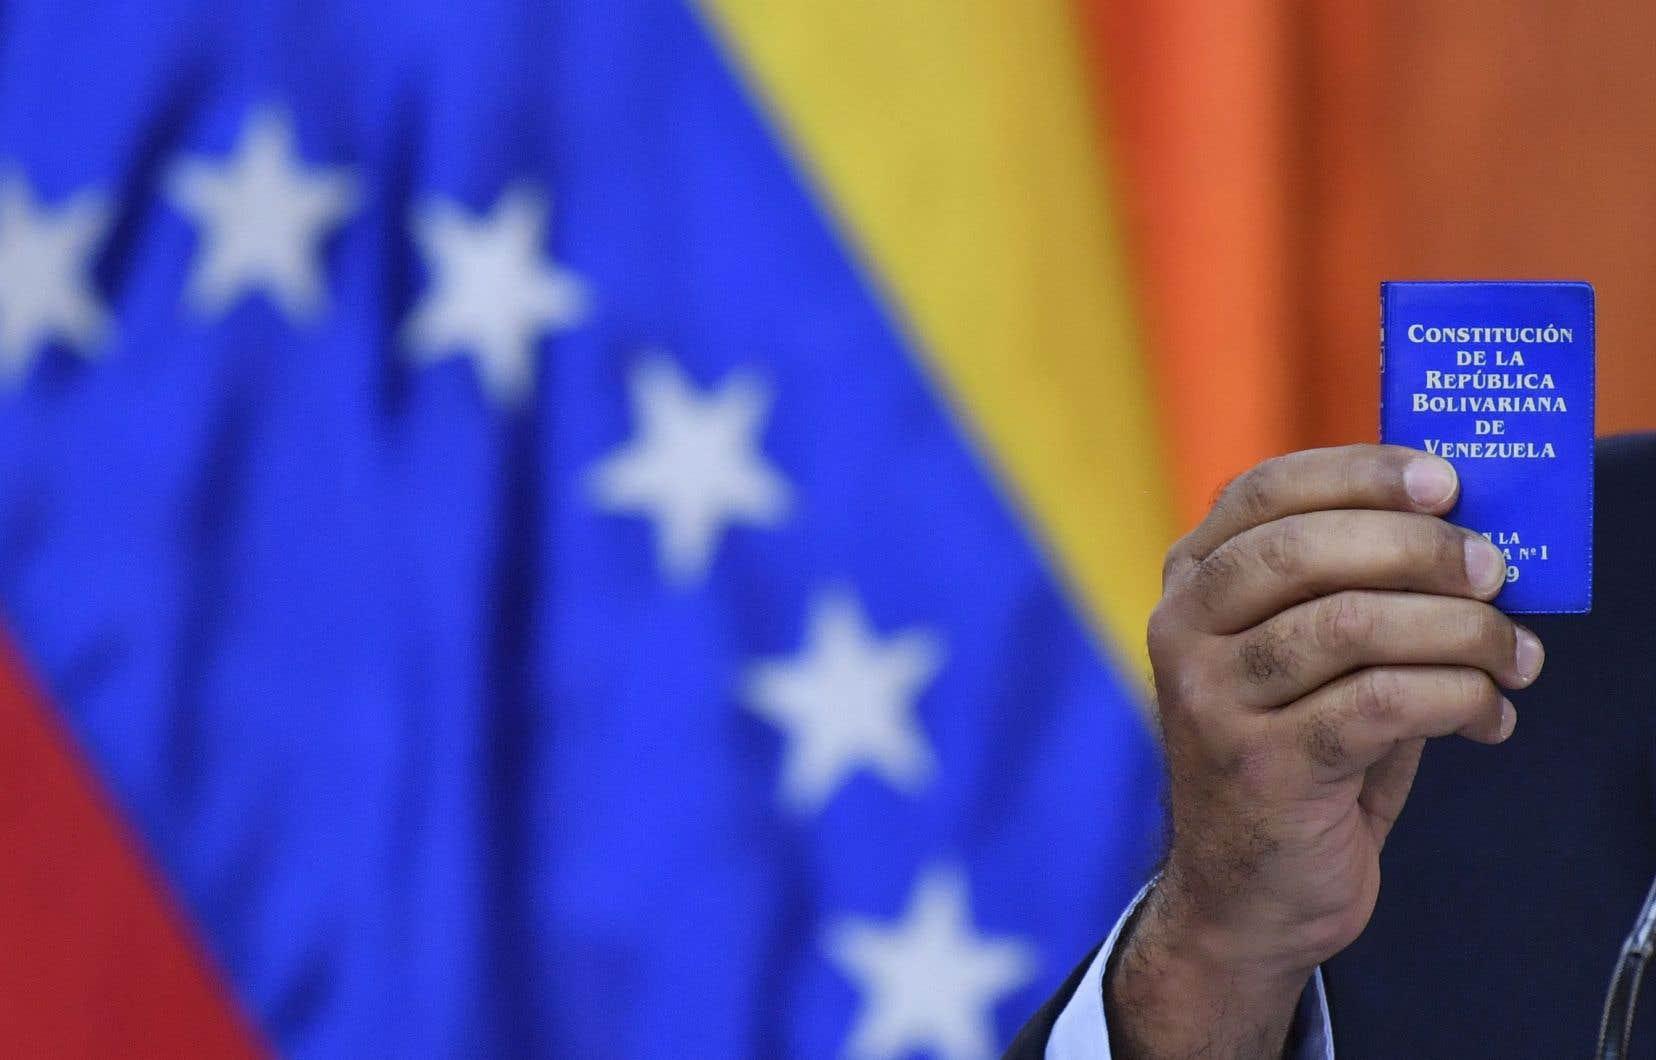 Le président vénézuélien, Nicolas Maduro, brandit la constitution du pays lors d'une conférence de presse à Caracas, le 25 janvier 2019.